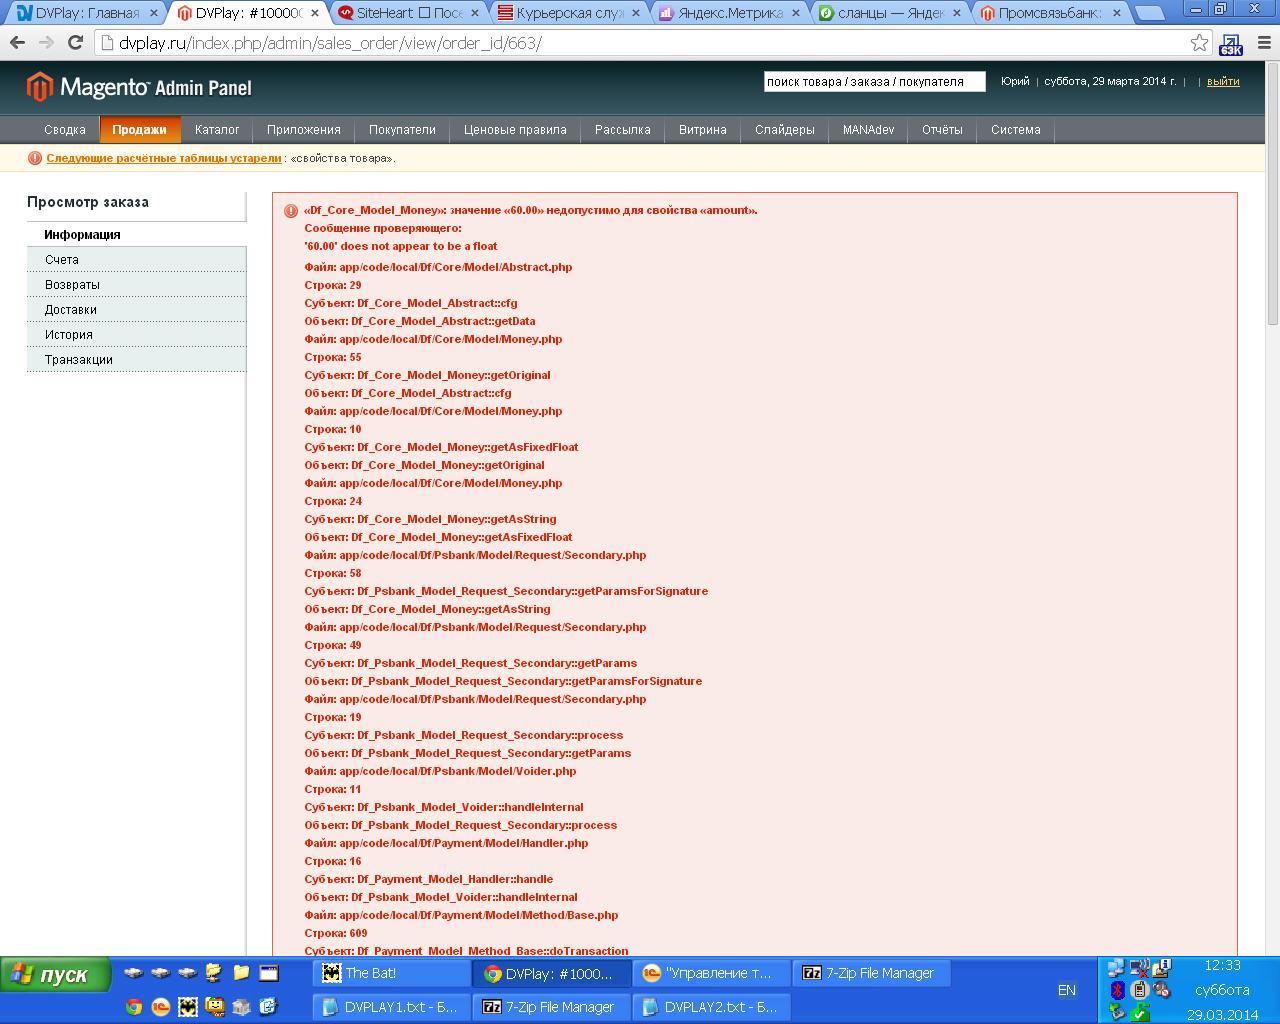 Прикрепленное изображение: ОПЛАТА разблокировать средства.jpg